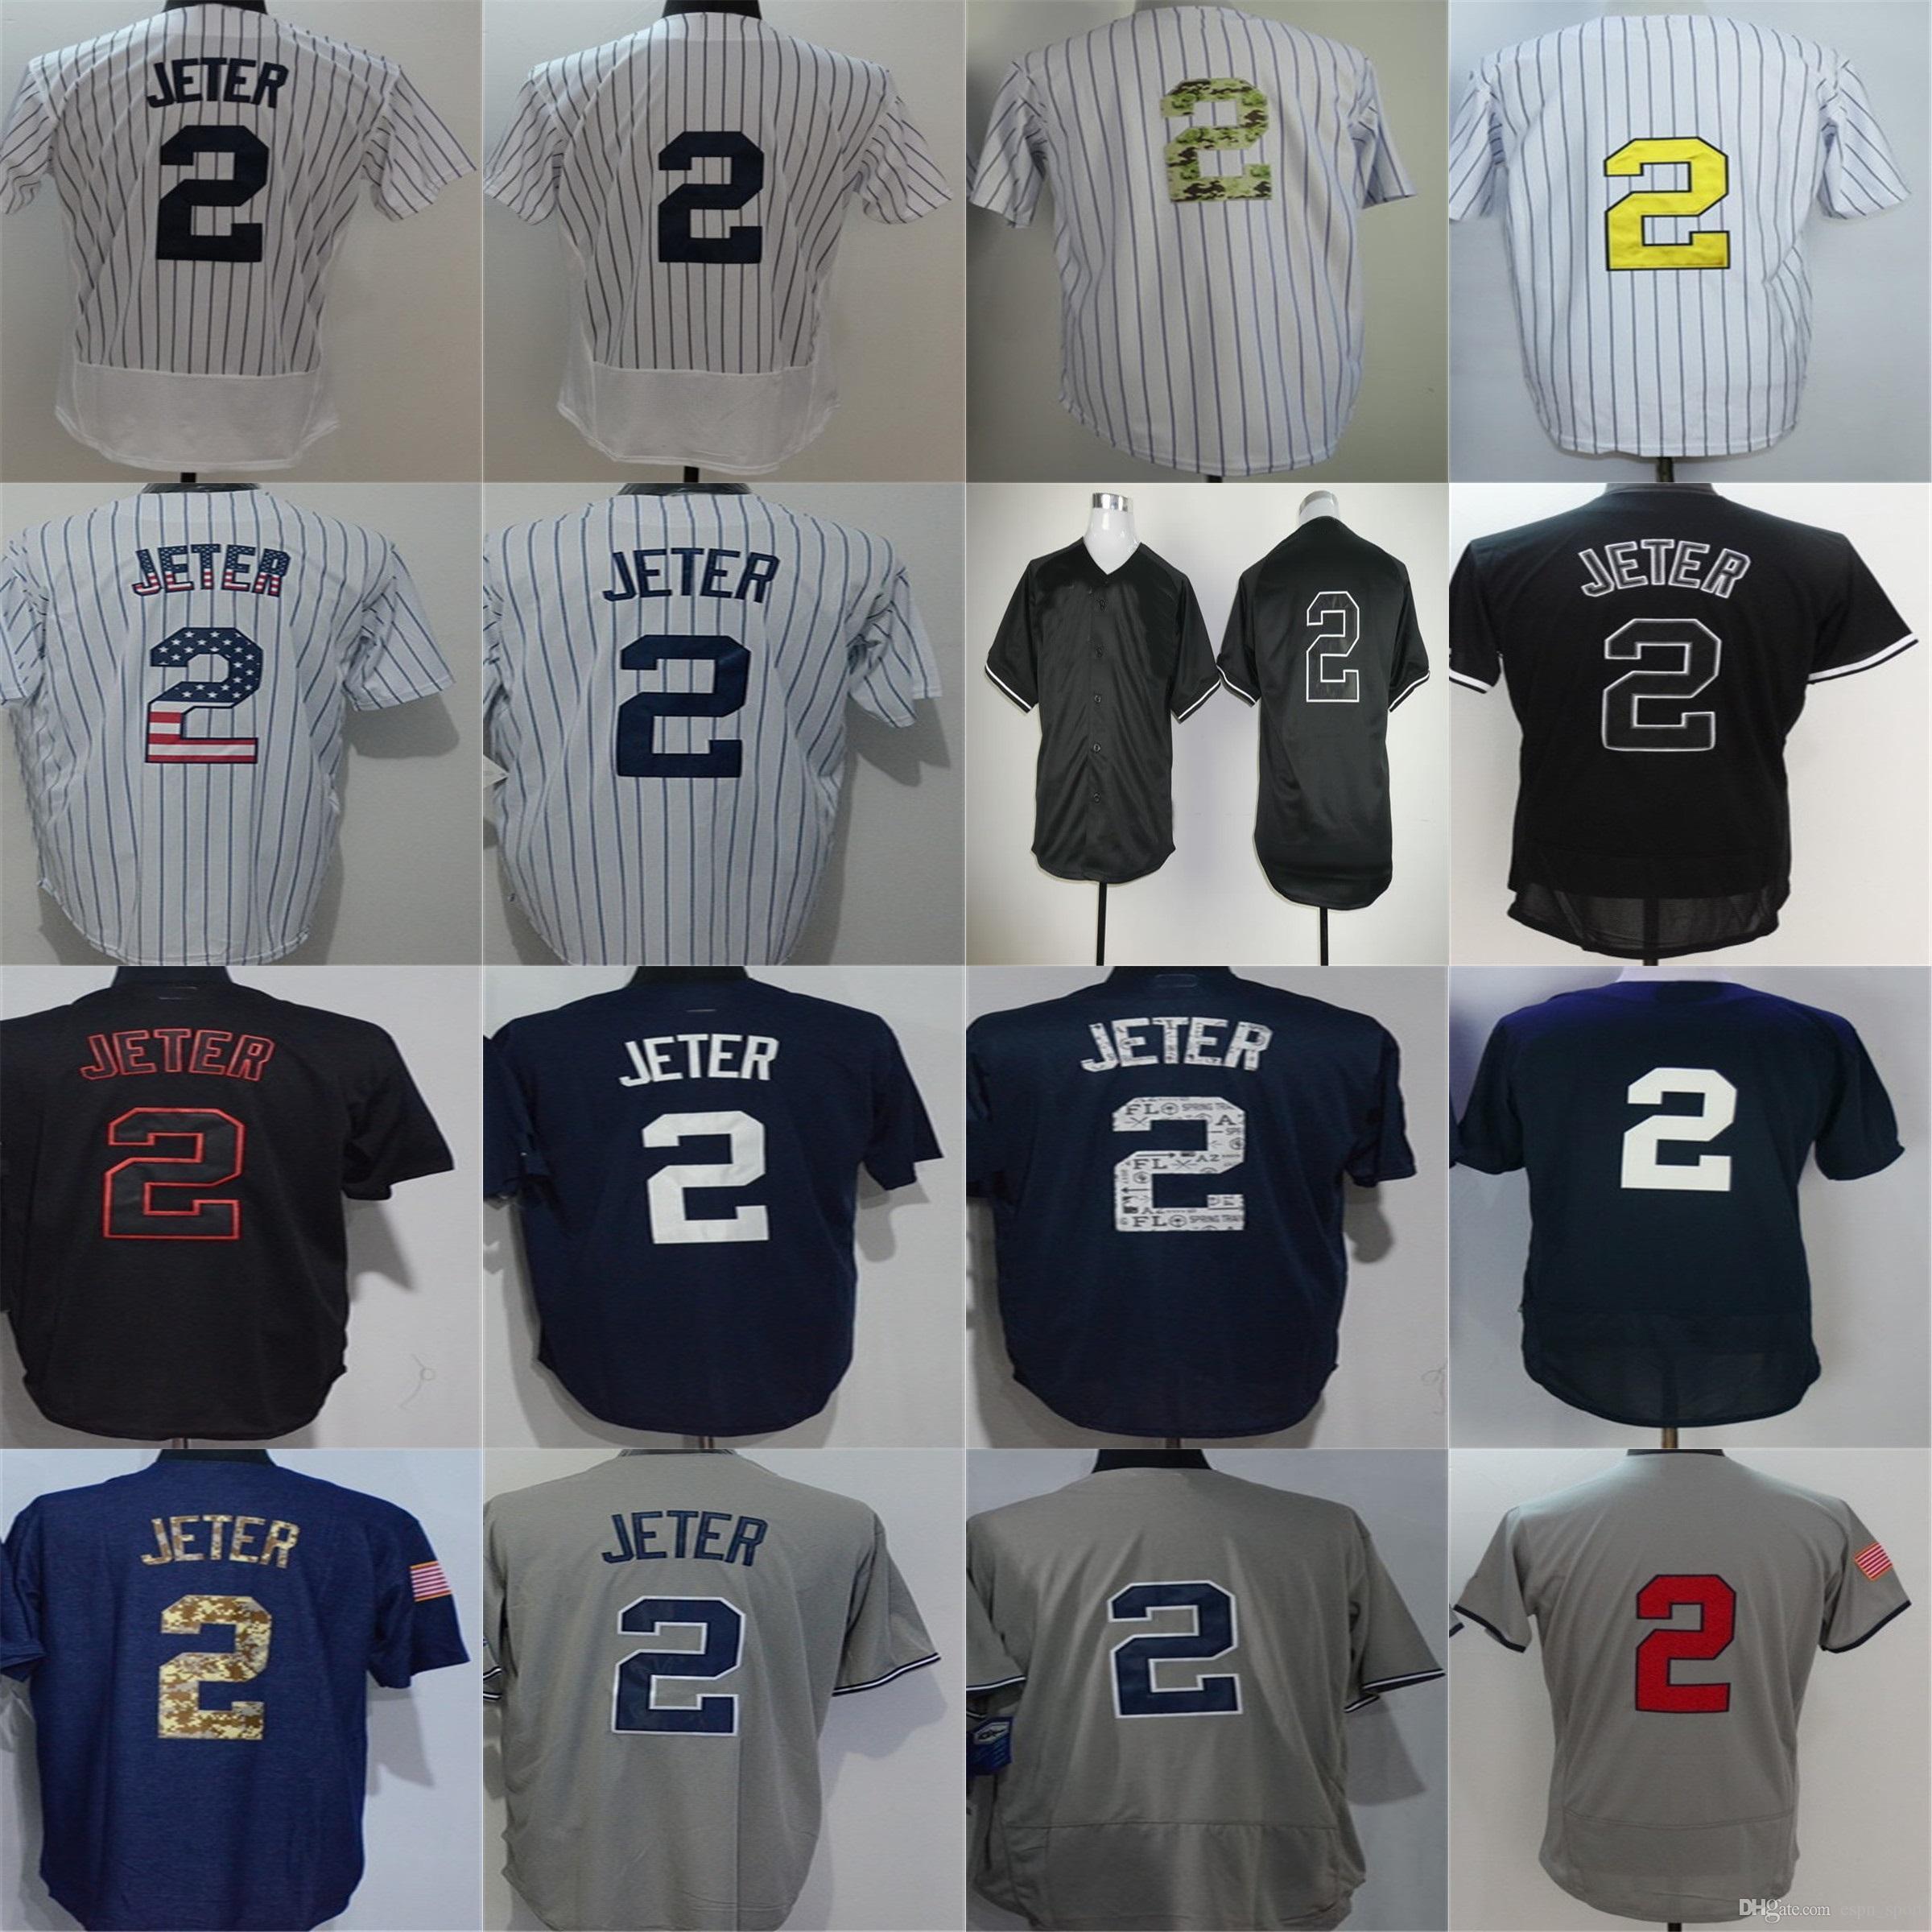 huge selection of 5345a 6cc8a discount 2 derek jeter jersey c390a dd206